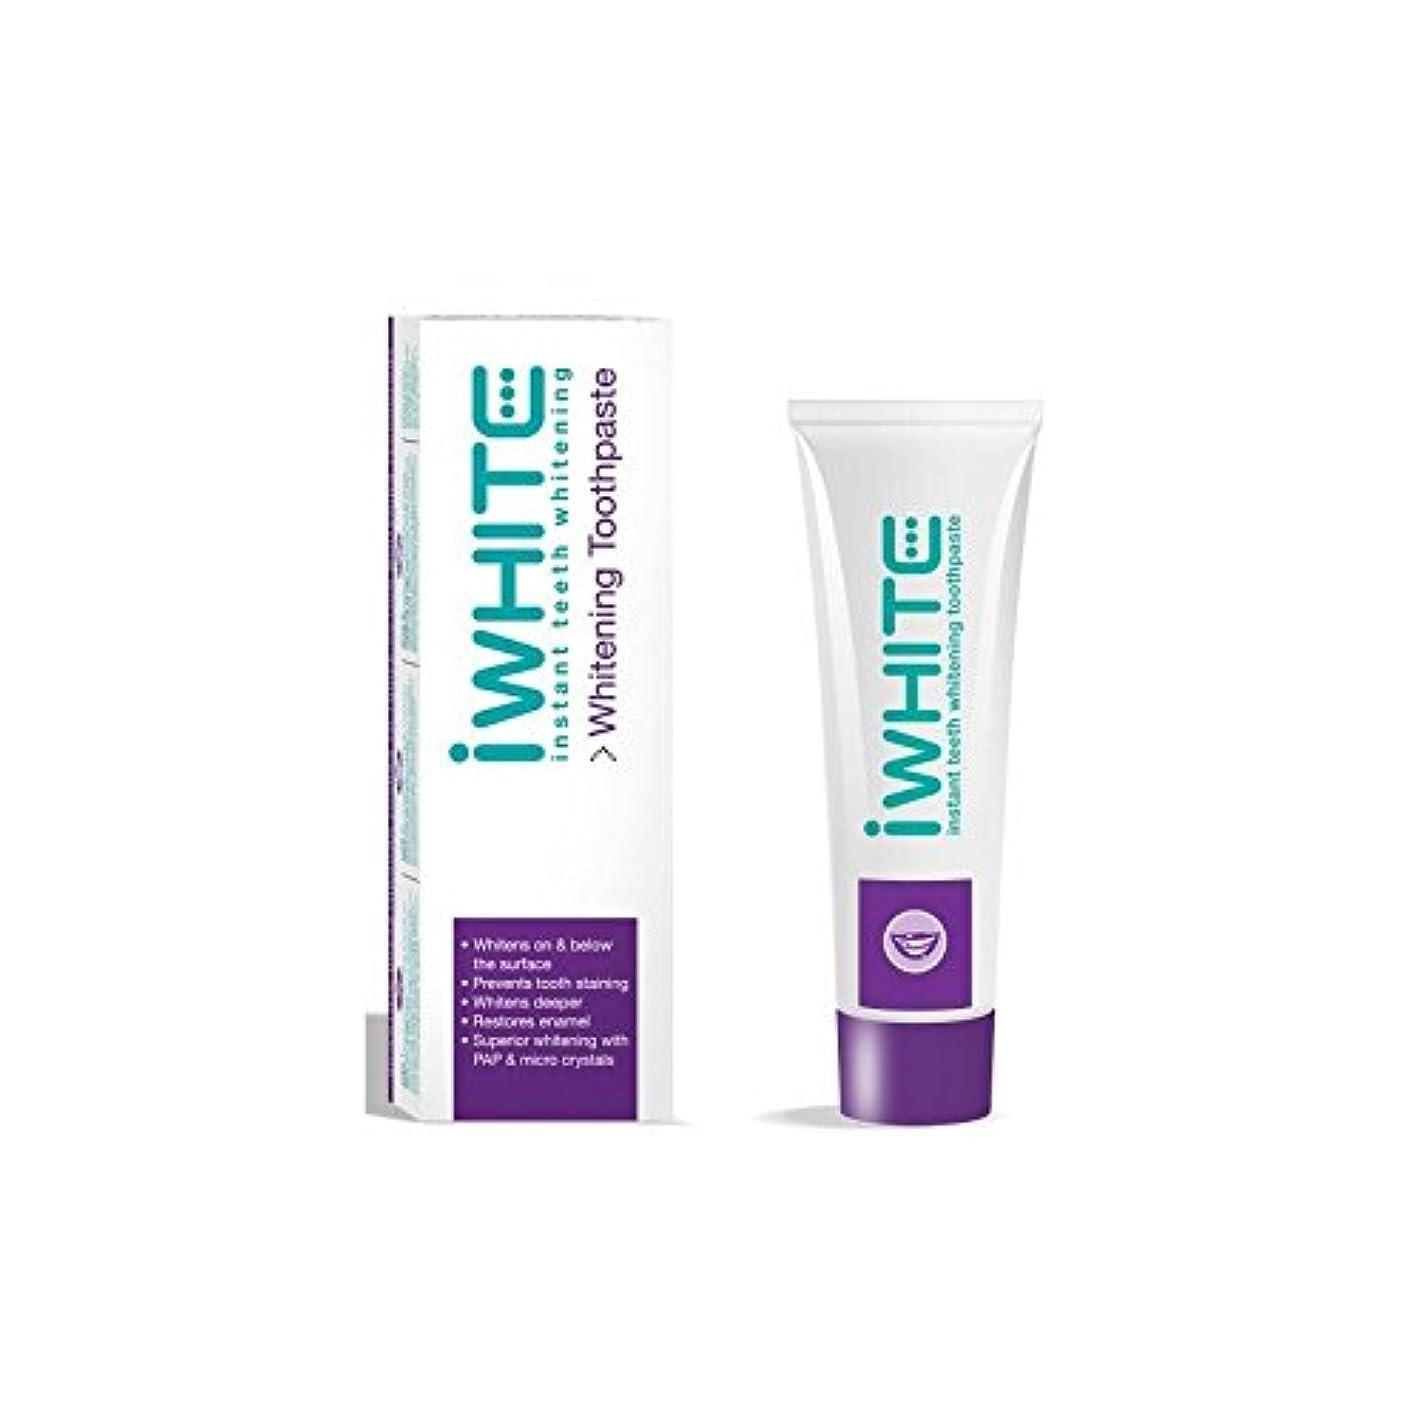 苦しみ再生薬歯磨き粉を白くインスタント歯(75ミリリットル) x2 - iWhite Instant Teeth Whitening Toothpaste (75ml) (Pack of 2) [並行輸入品]